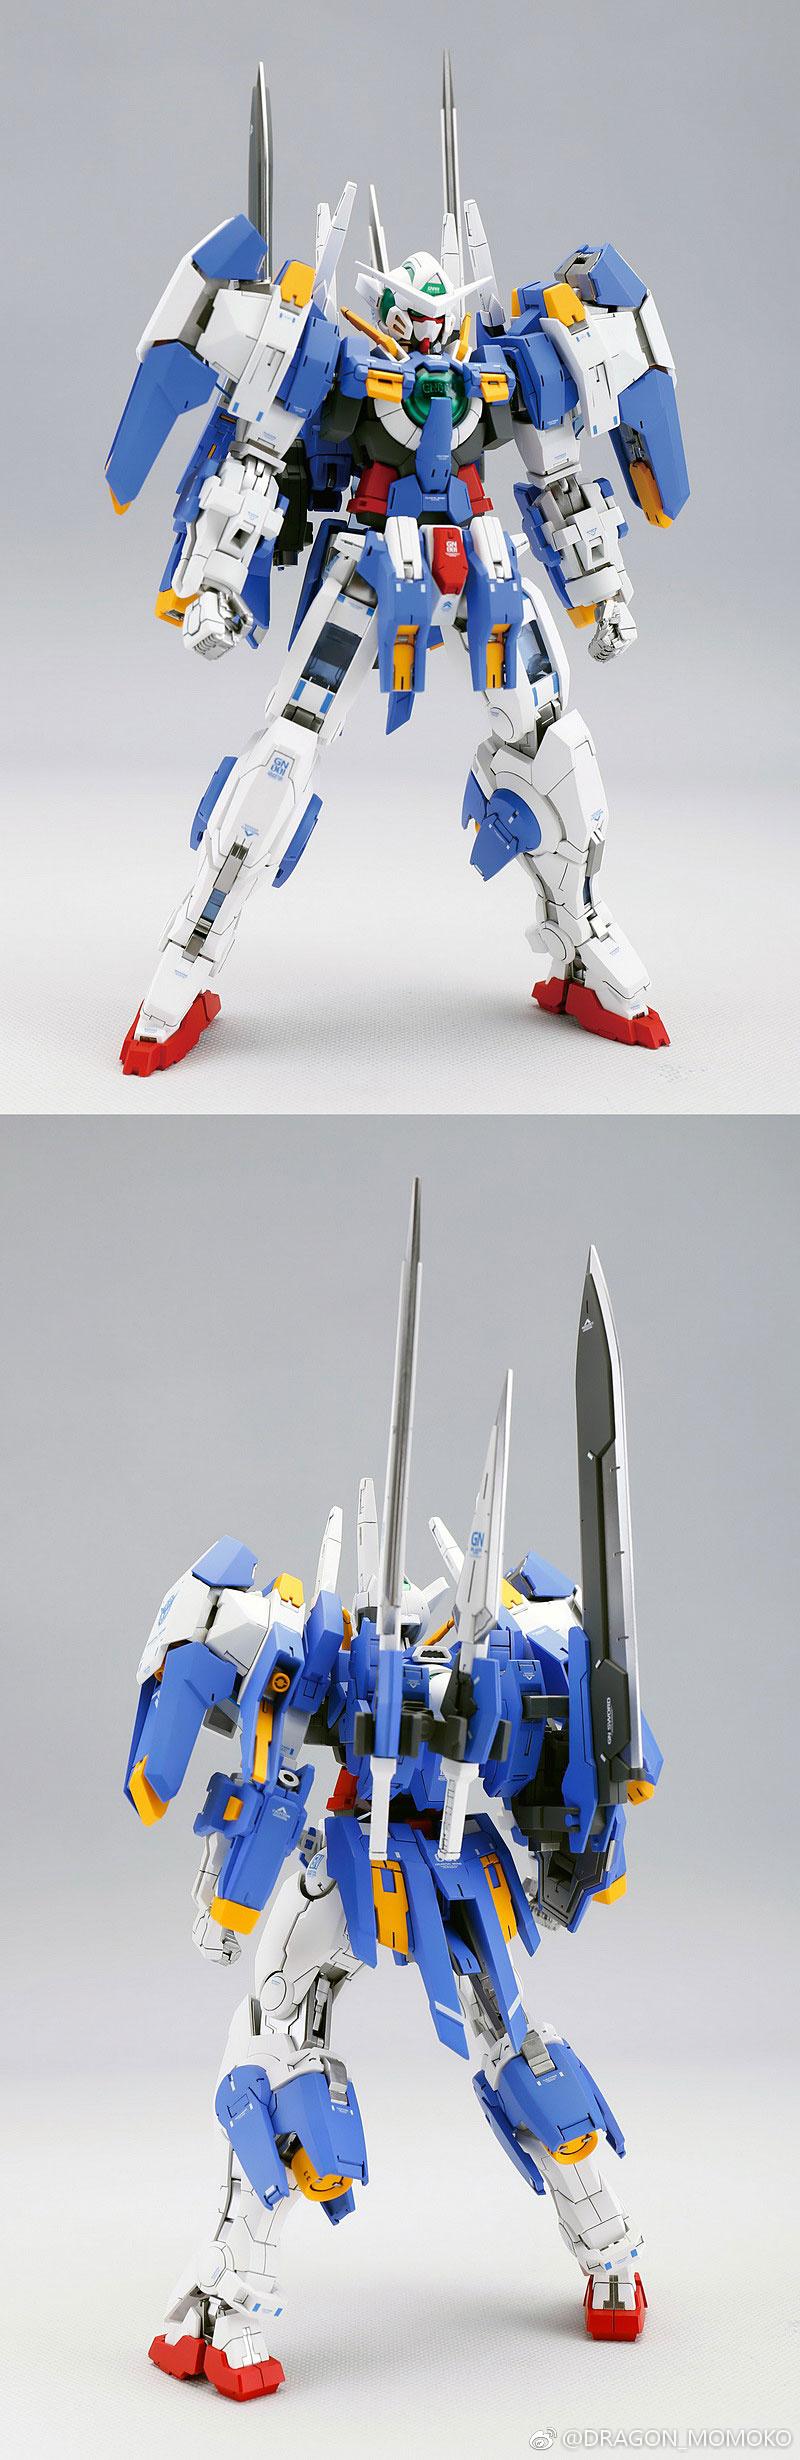 龍桃子新作「MG 能天使鋼彈雪崩型 MB版」樣本照公開 - orz750201的創作 - 巴哈姆特